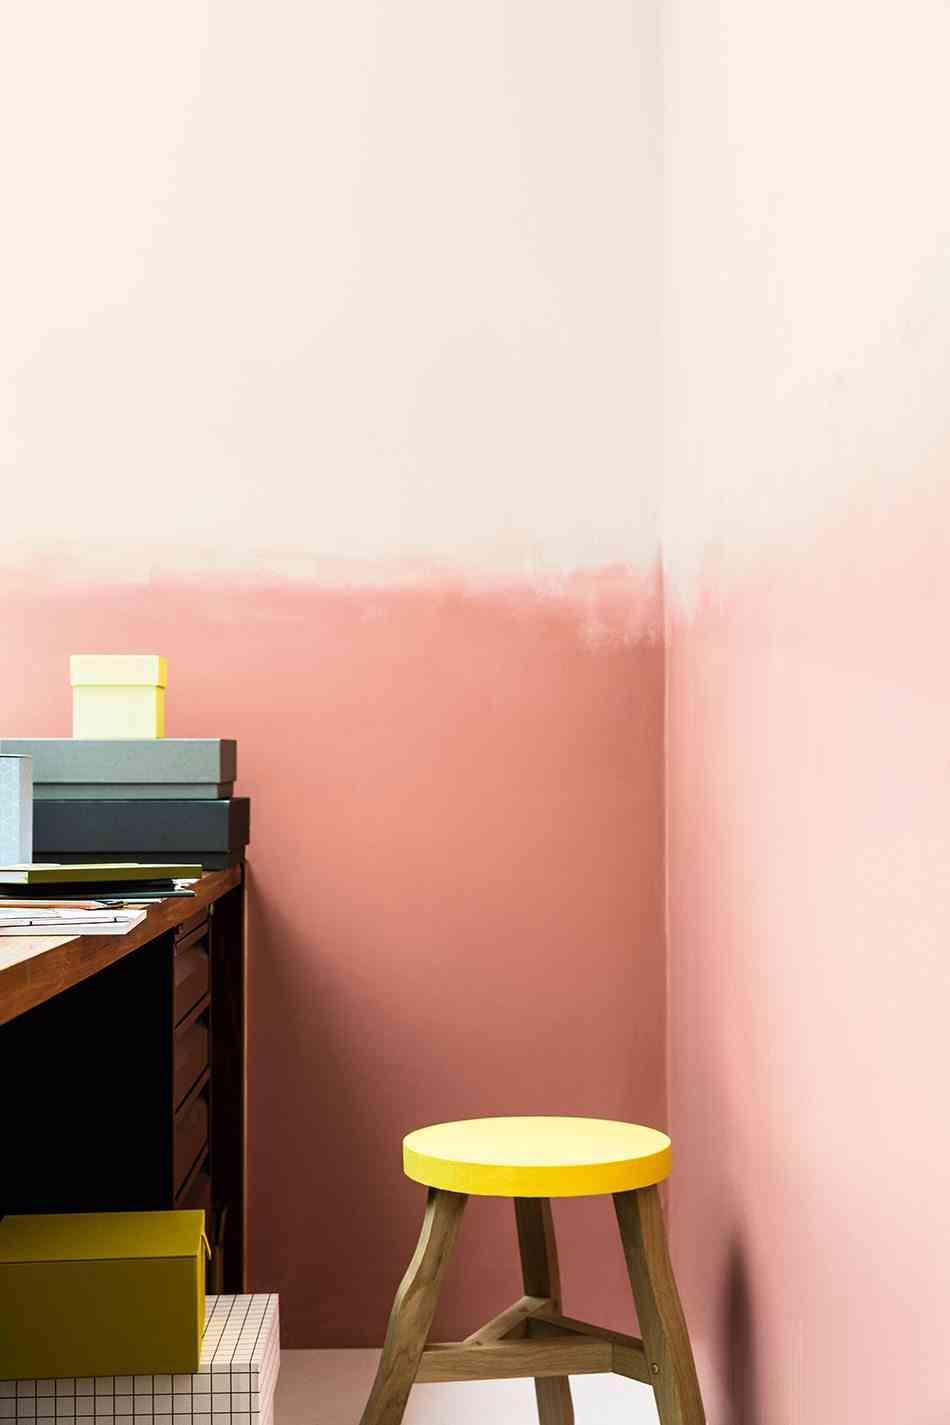 pintar las paredes Efecto degradado